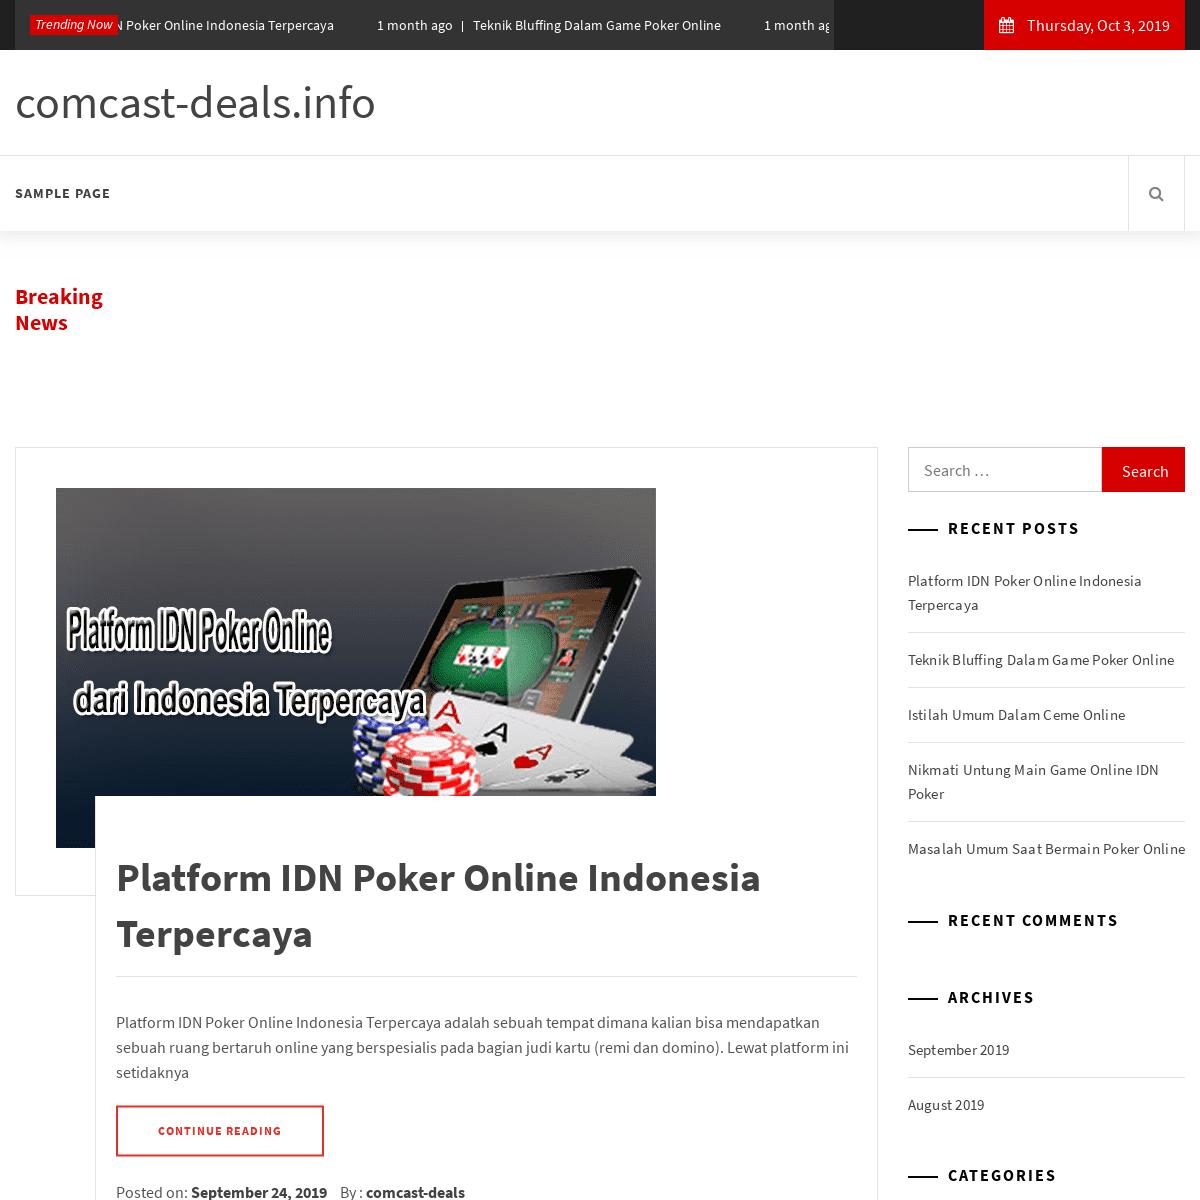 comcast-deals.info